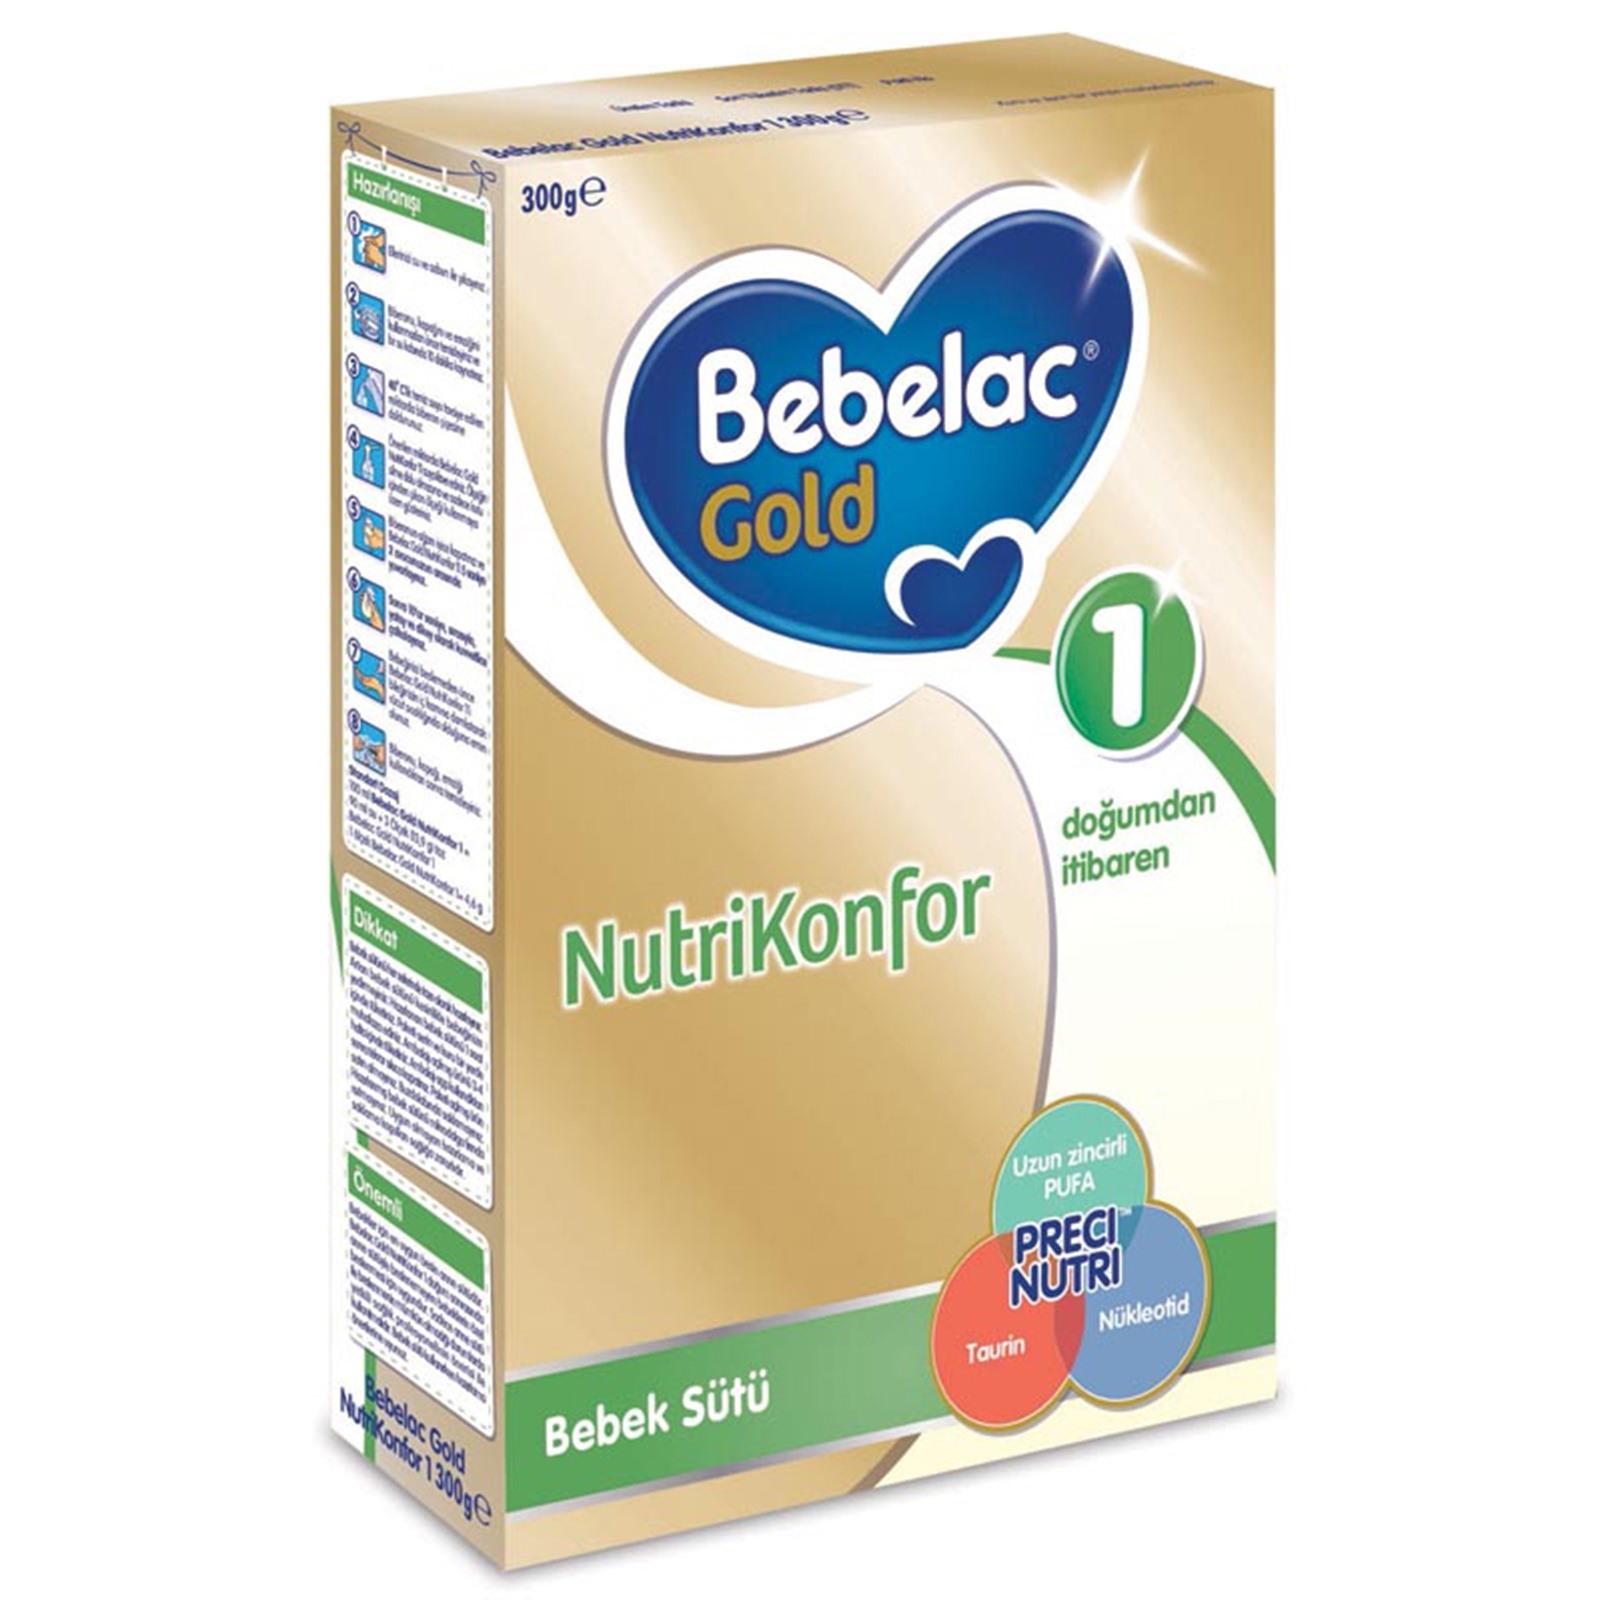 Bebelac Gold Nutrikonfor 1-300 gr.